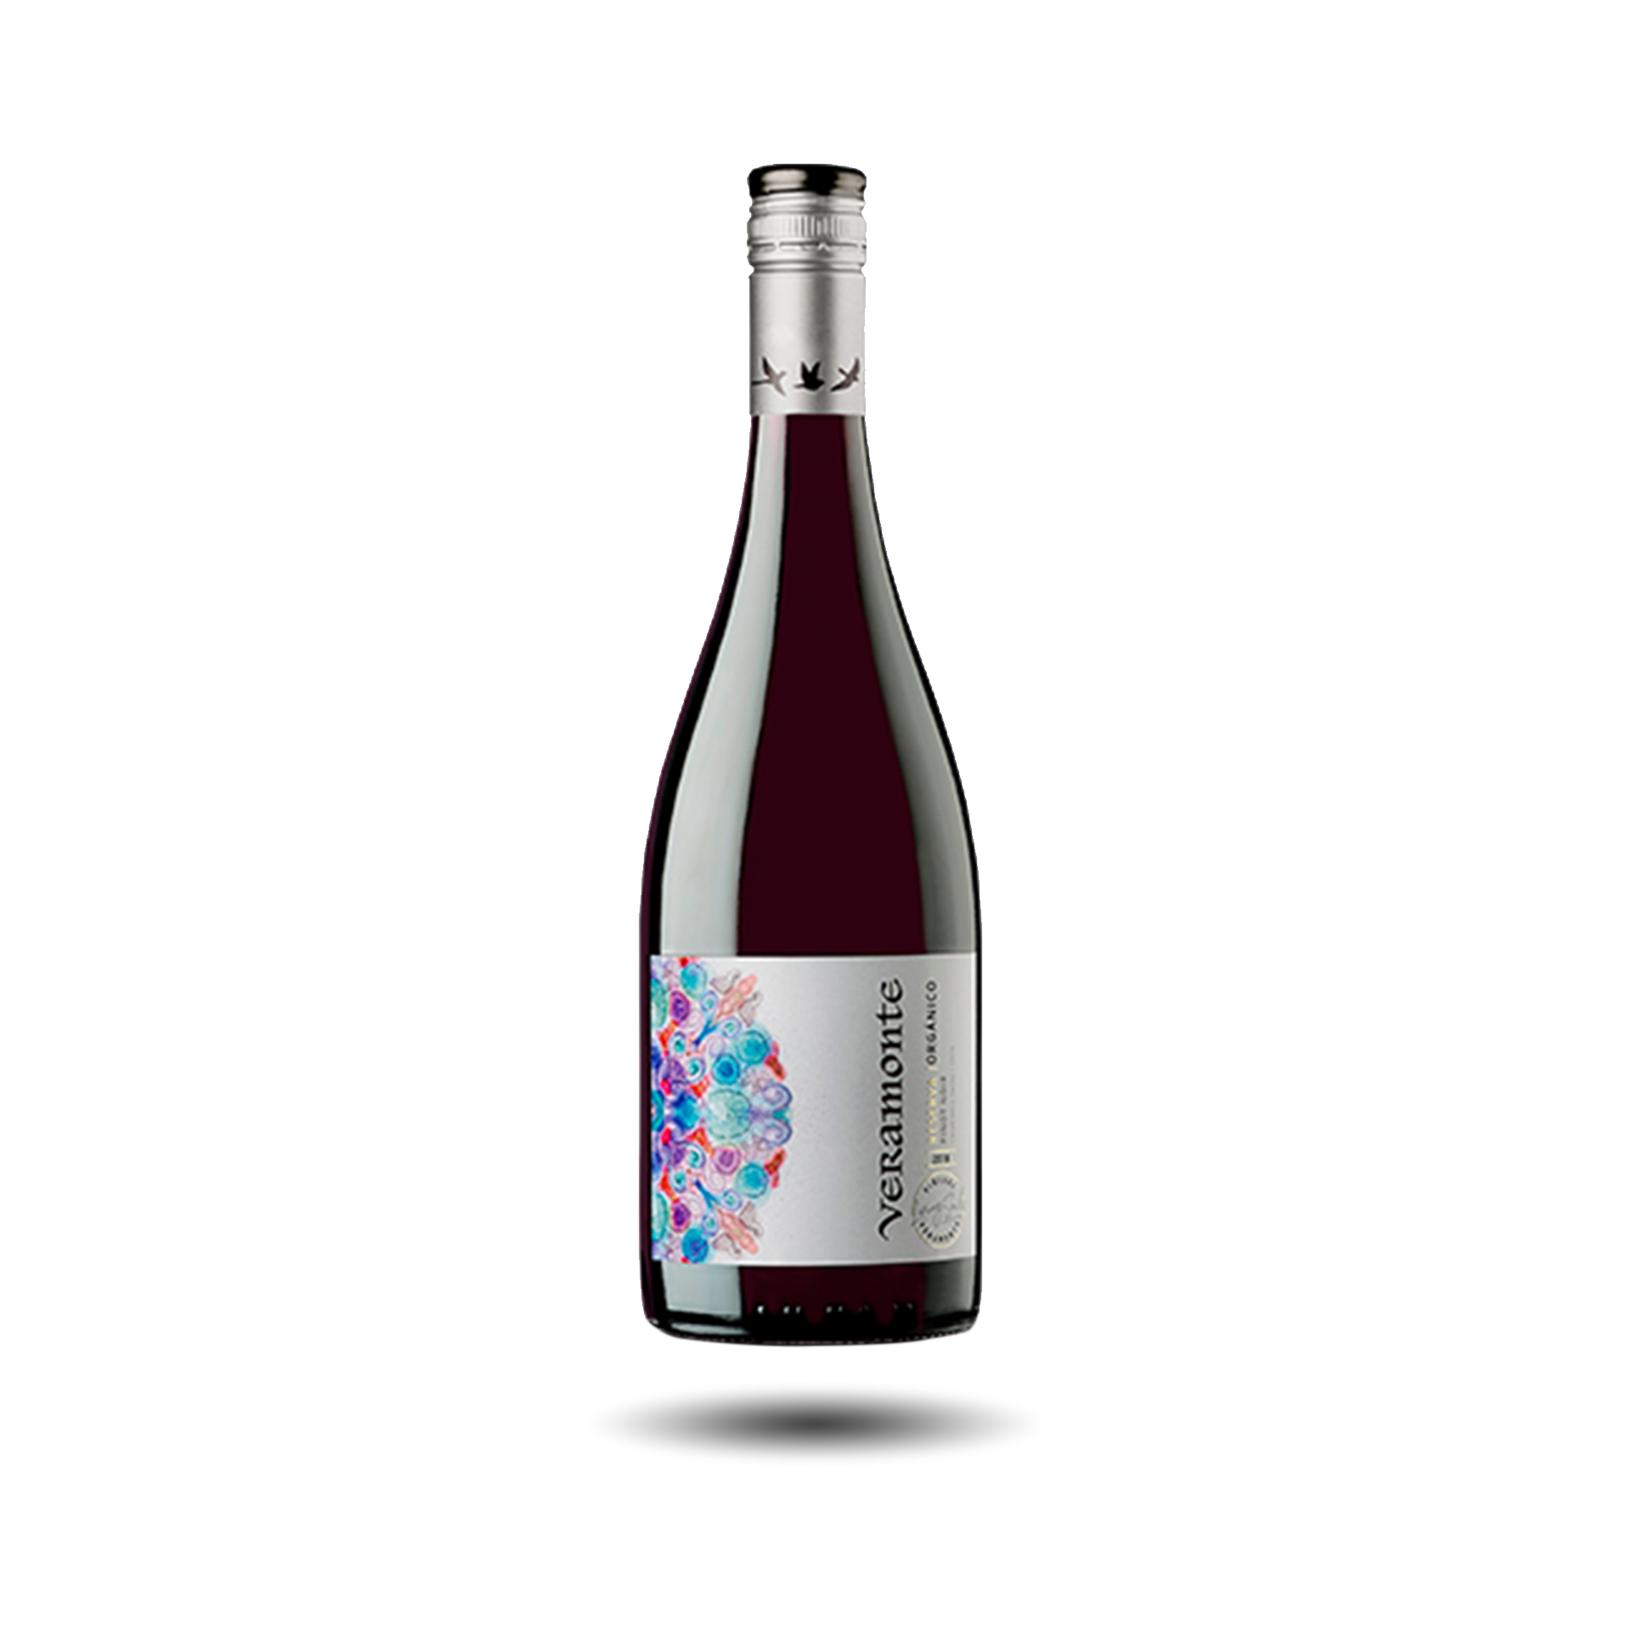 Veramonte - Reserva, Pinot Noir, 2018